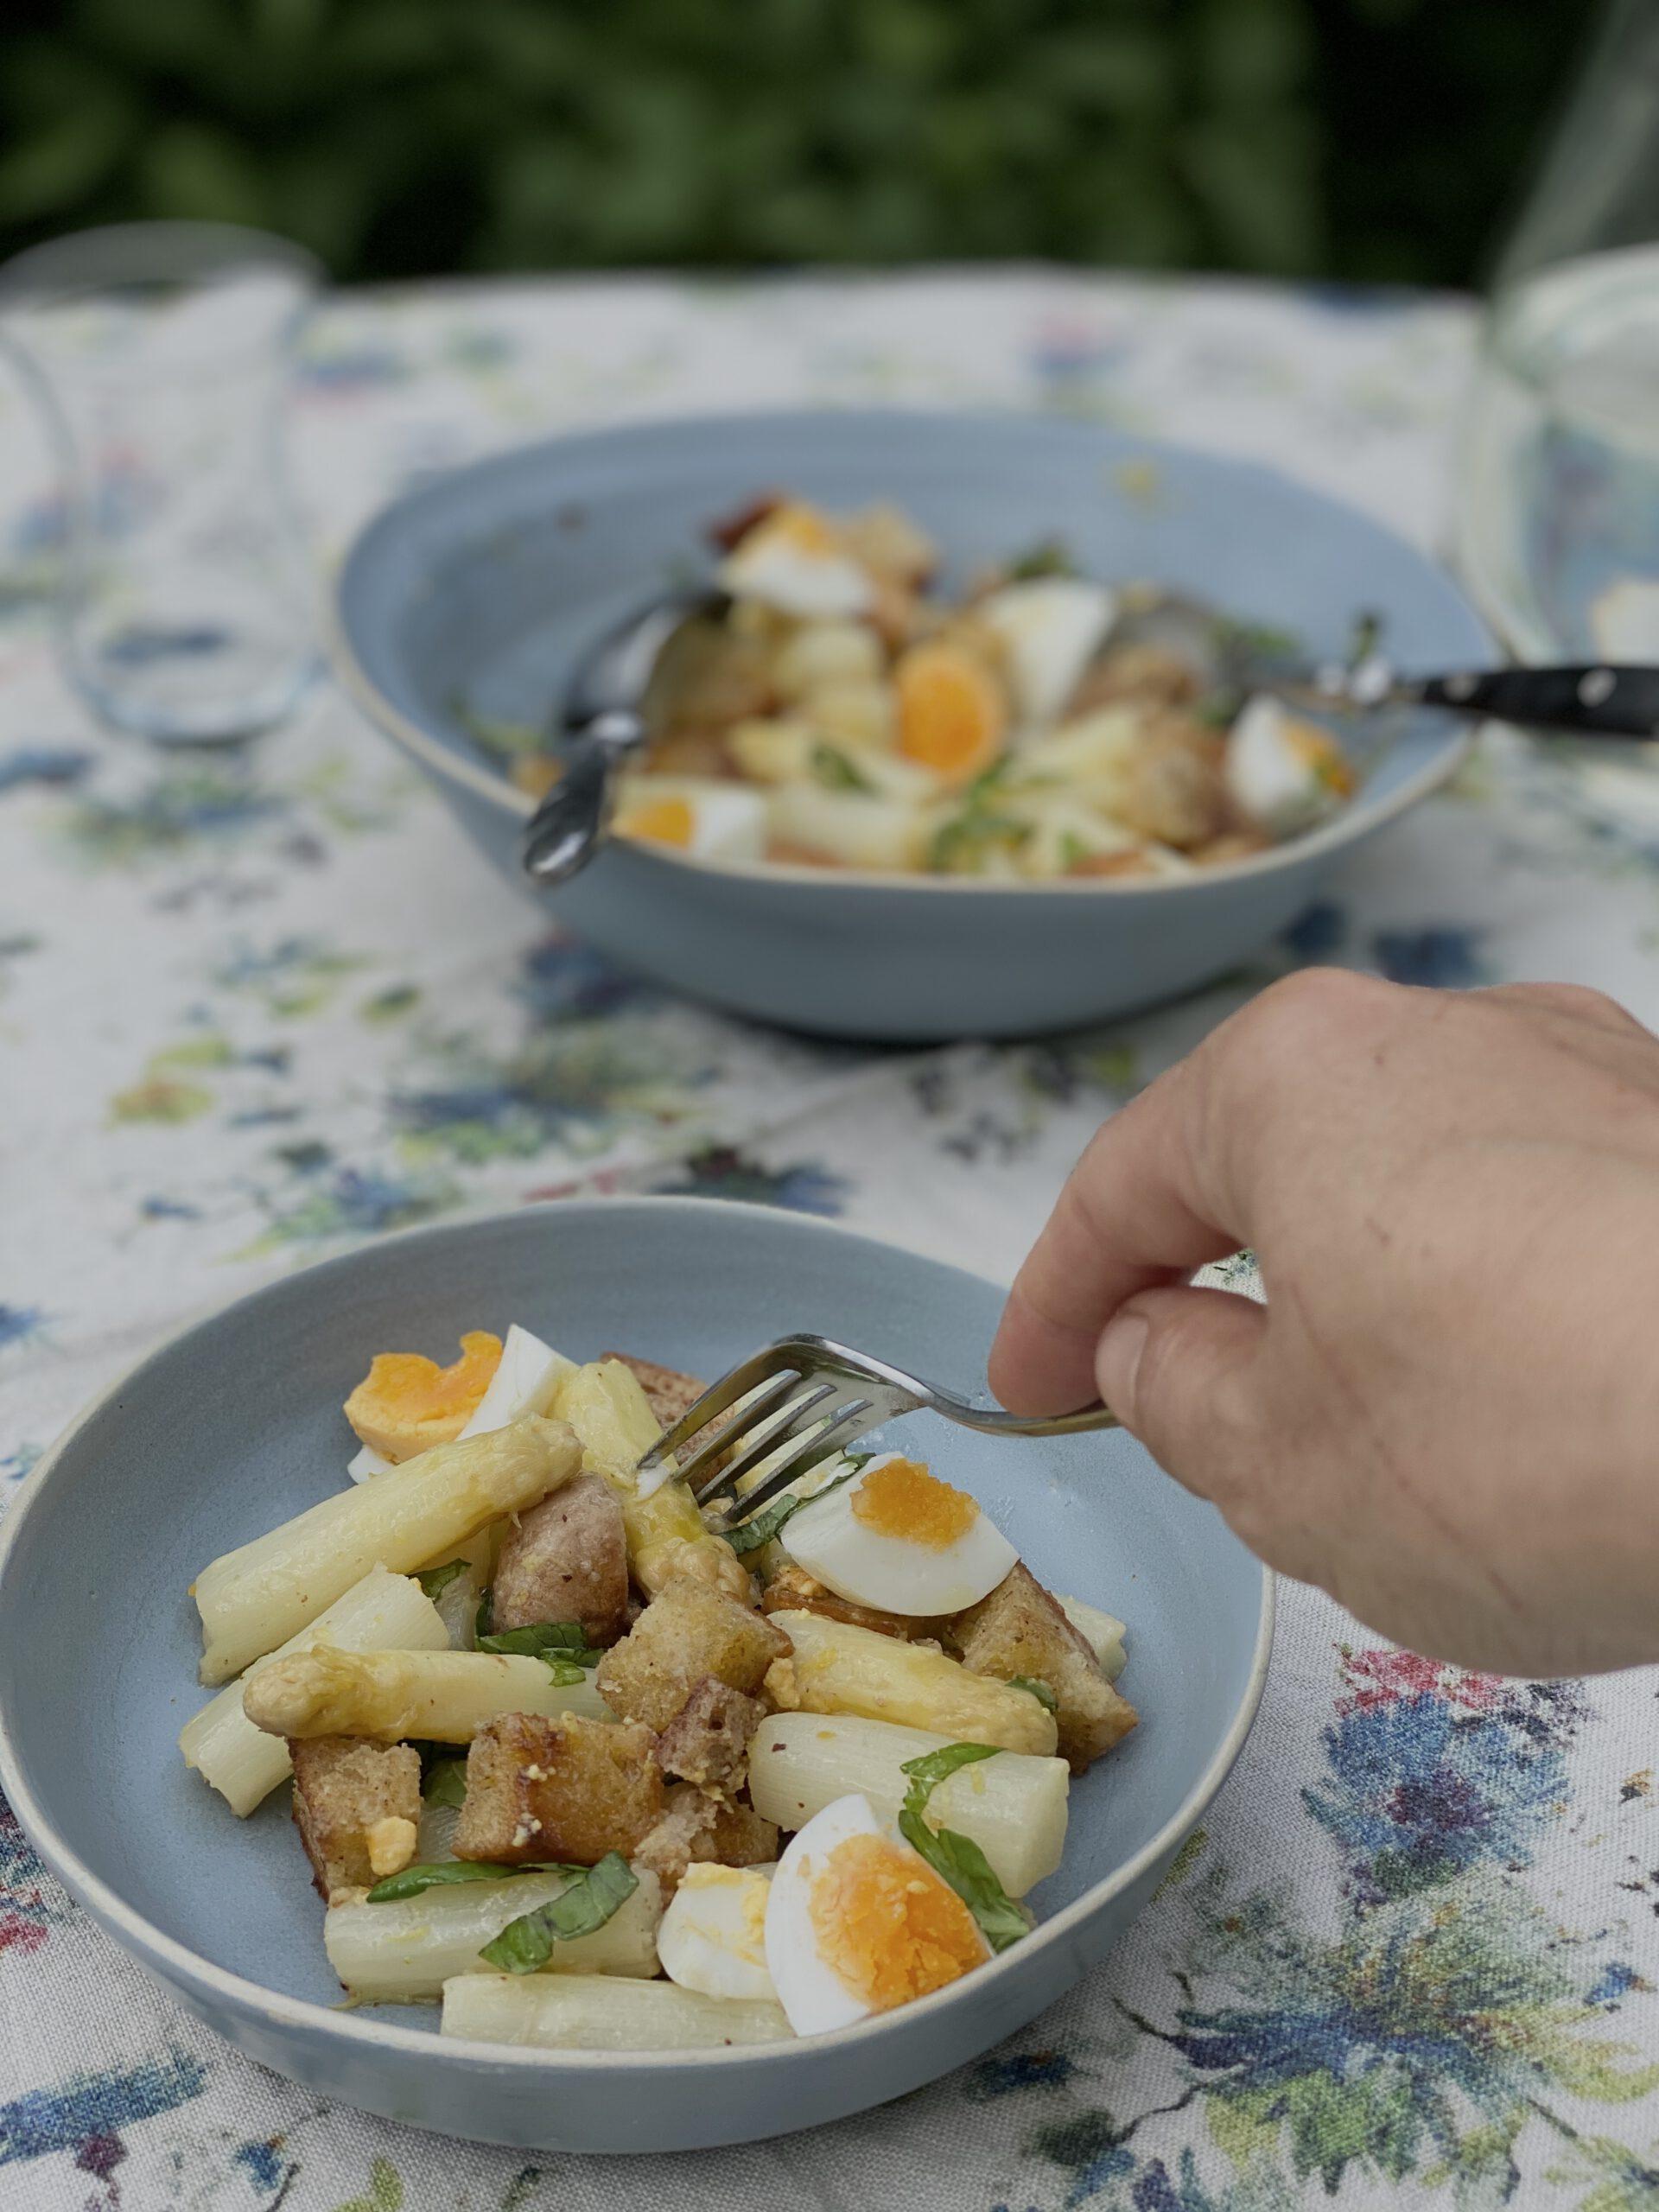 Mit der Gabel in eine Portion Spargel-Panzanella. Im Hintergrund die Servierschüssel auf dem Gartentisch